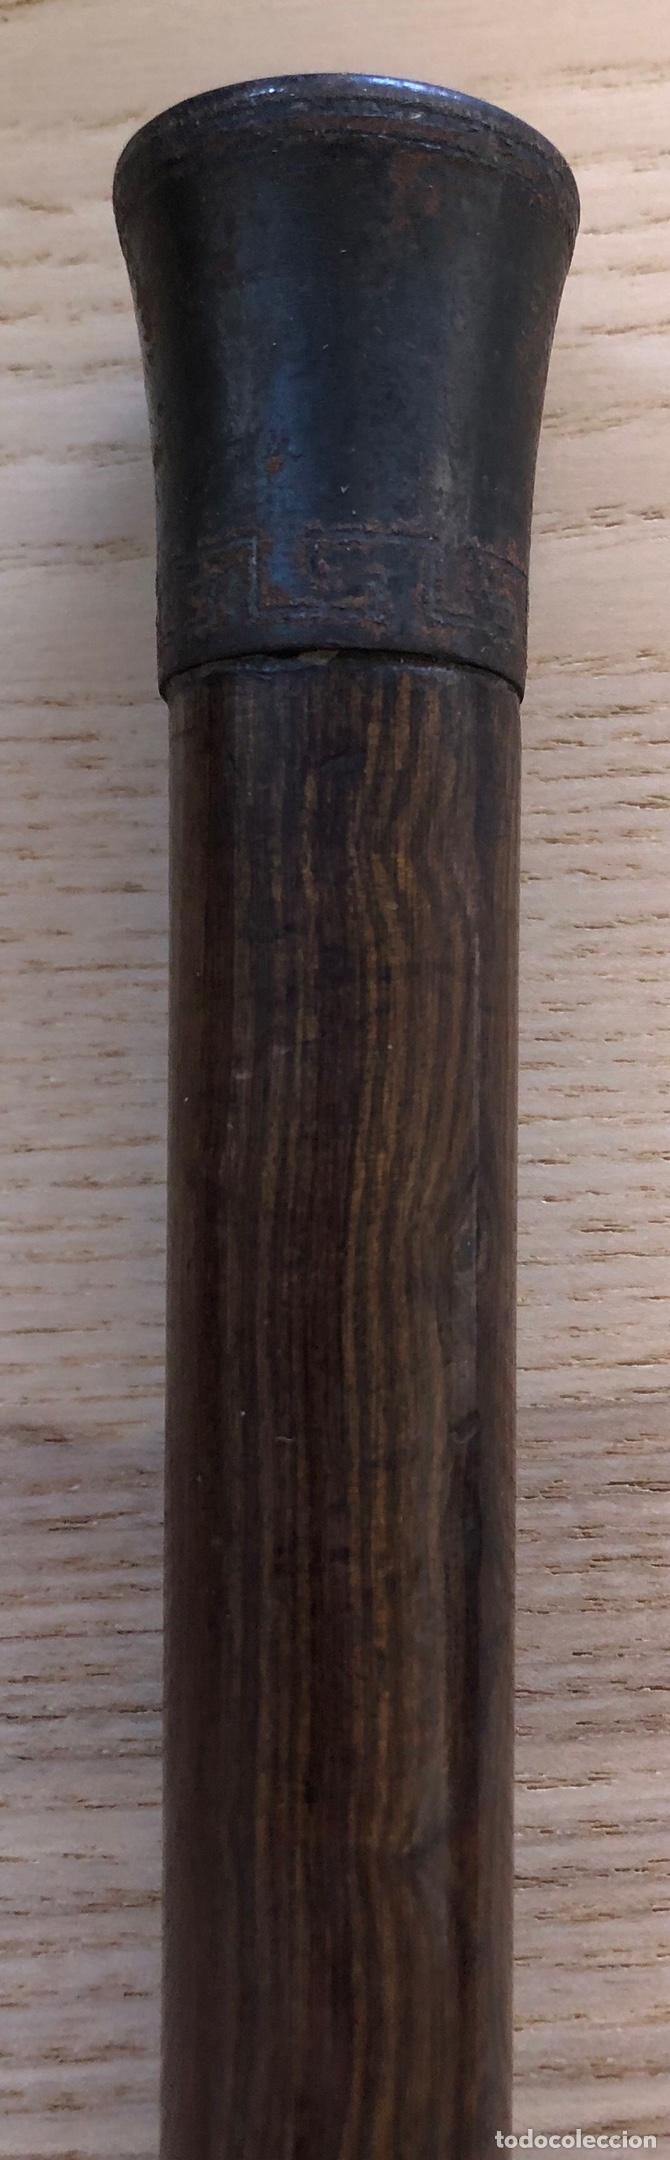 Antigüedades: Antigua Baston, con empuñadura en hierro, y vara de madera noble. Pps. S.XX. - Foto 6 - 213470000